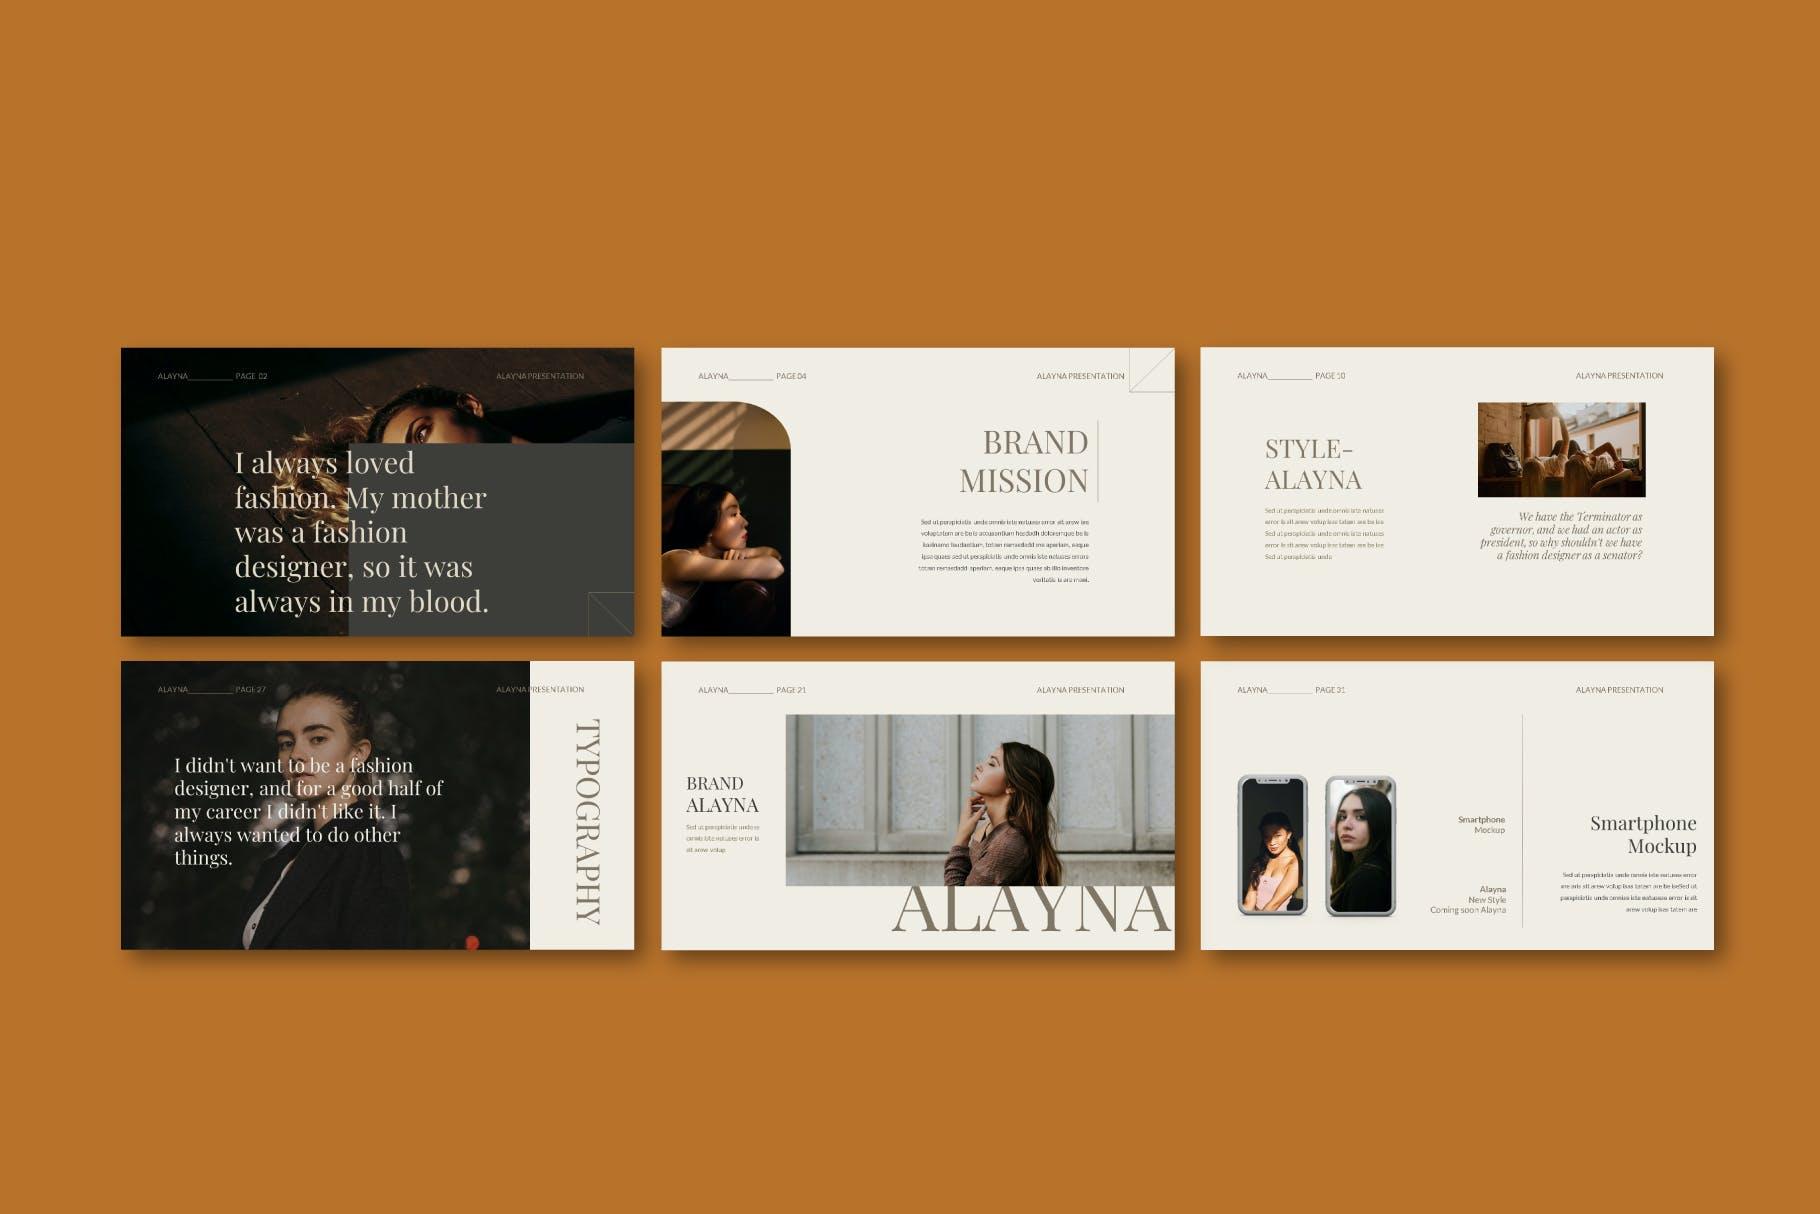 现代极简主义优雅轻奢品牌推广PPT演示文稿模板素材 Alayna – Powerpoint Template插图(7)